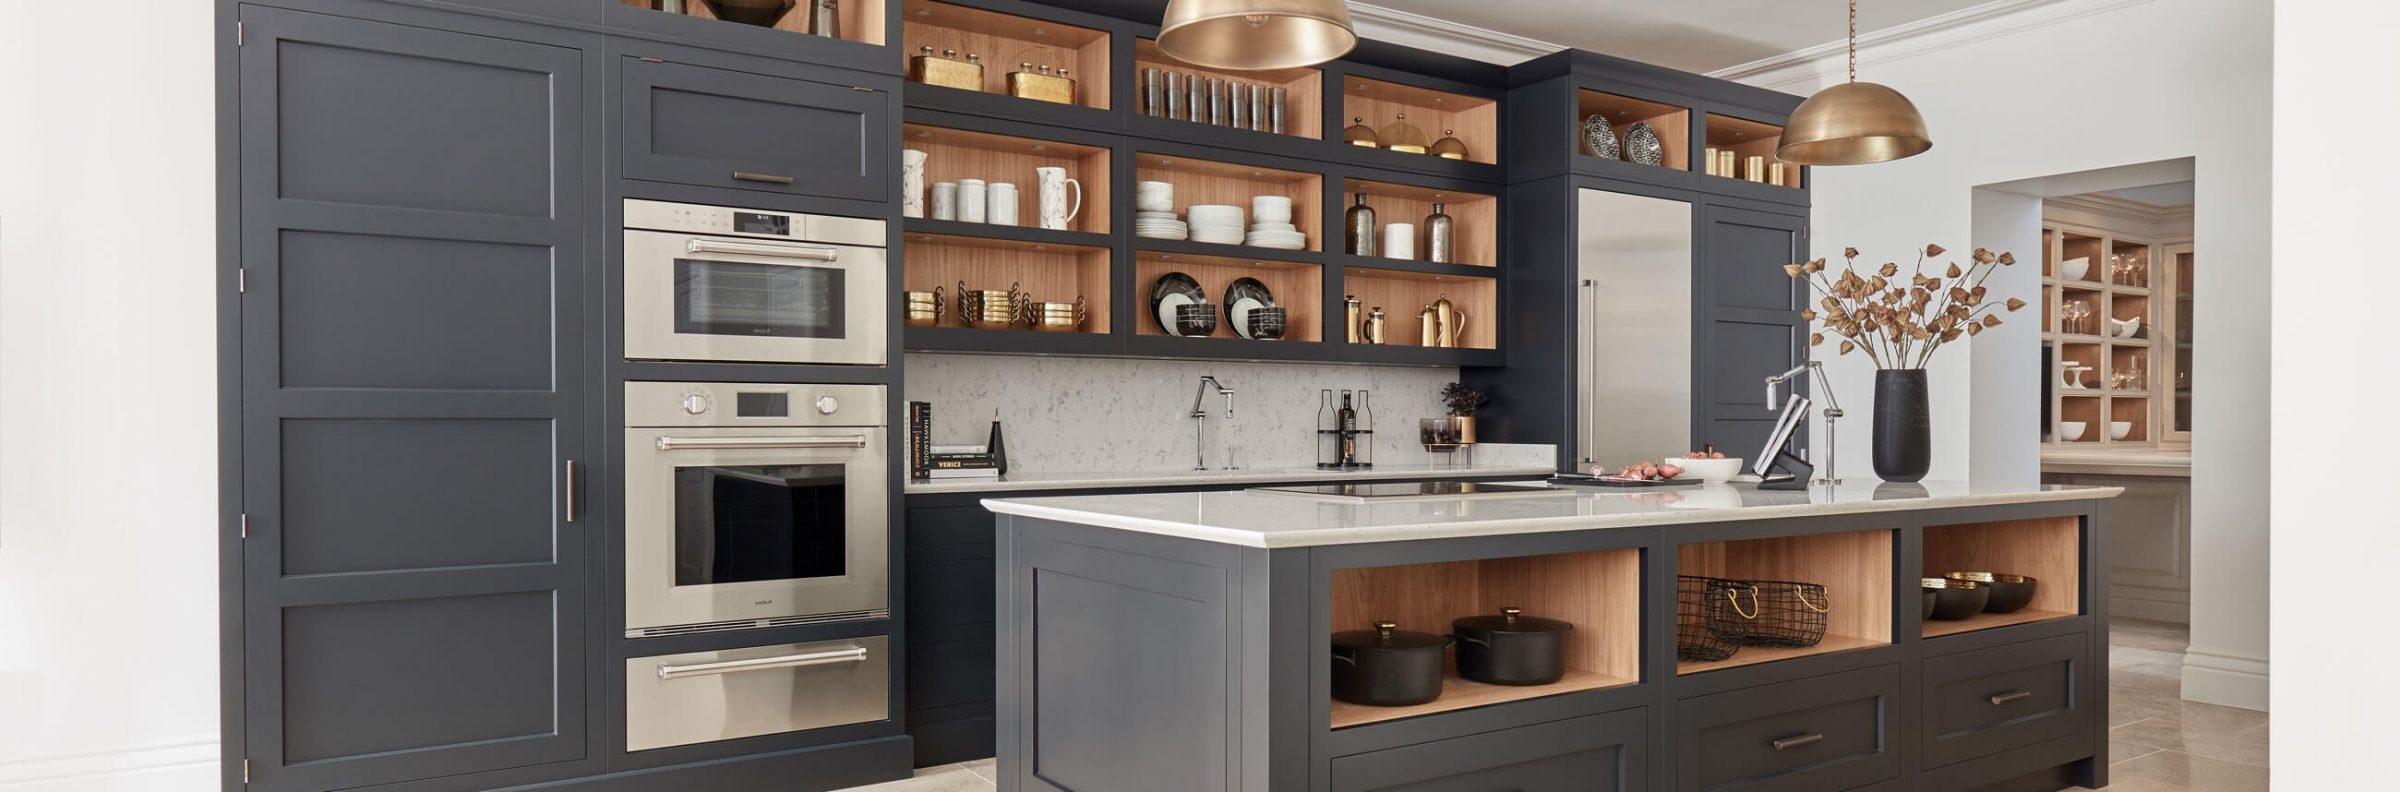 Make A Statement With Our Dark Kitchen Design Ideas